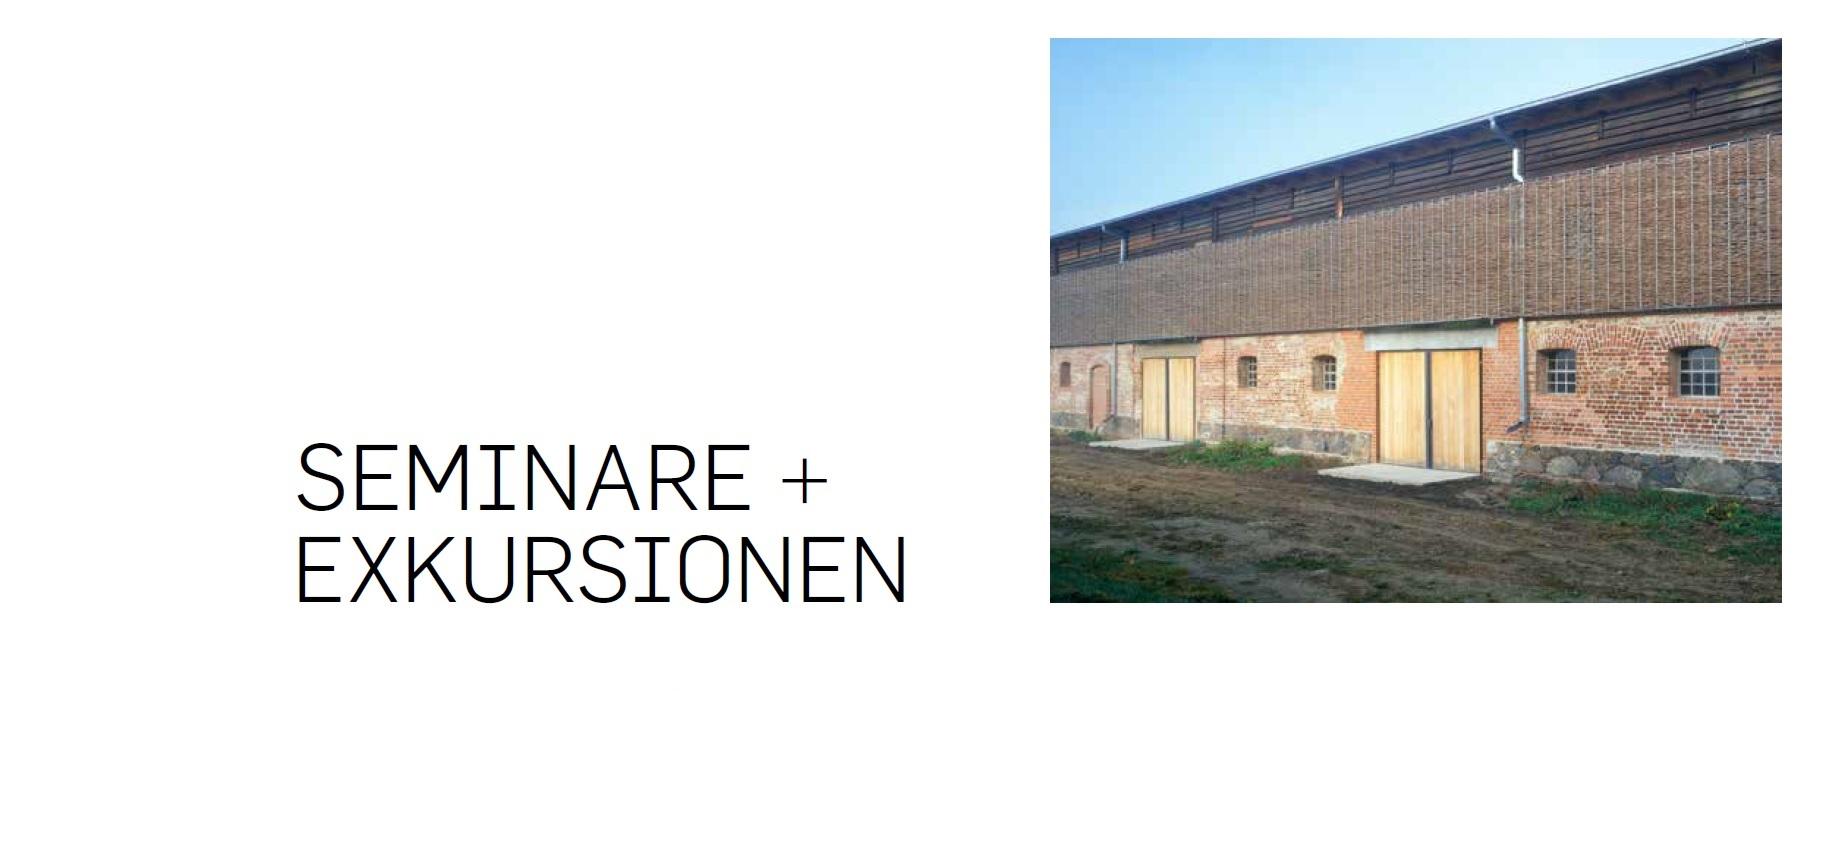 Anderhalten Architekten, Besucherzentrum Criewen, Foto: Werner Huthmacher